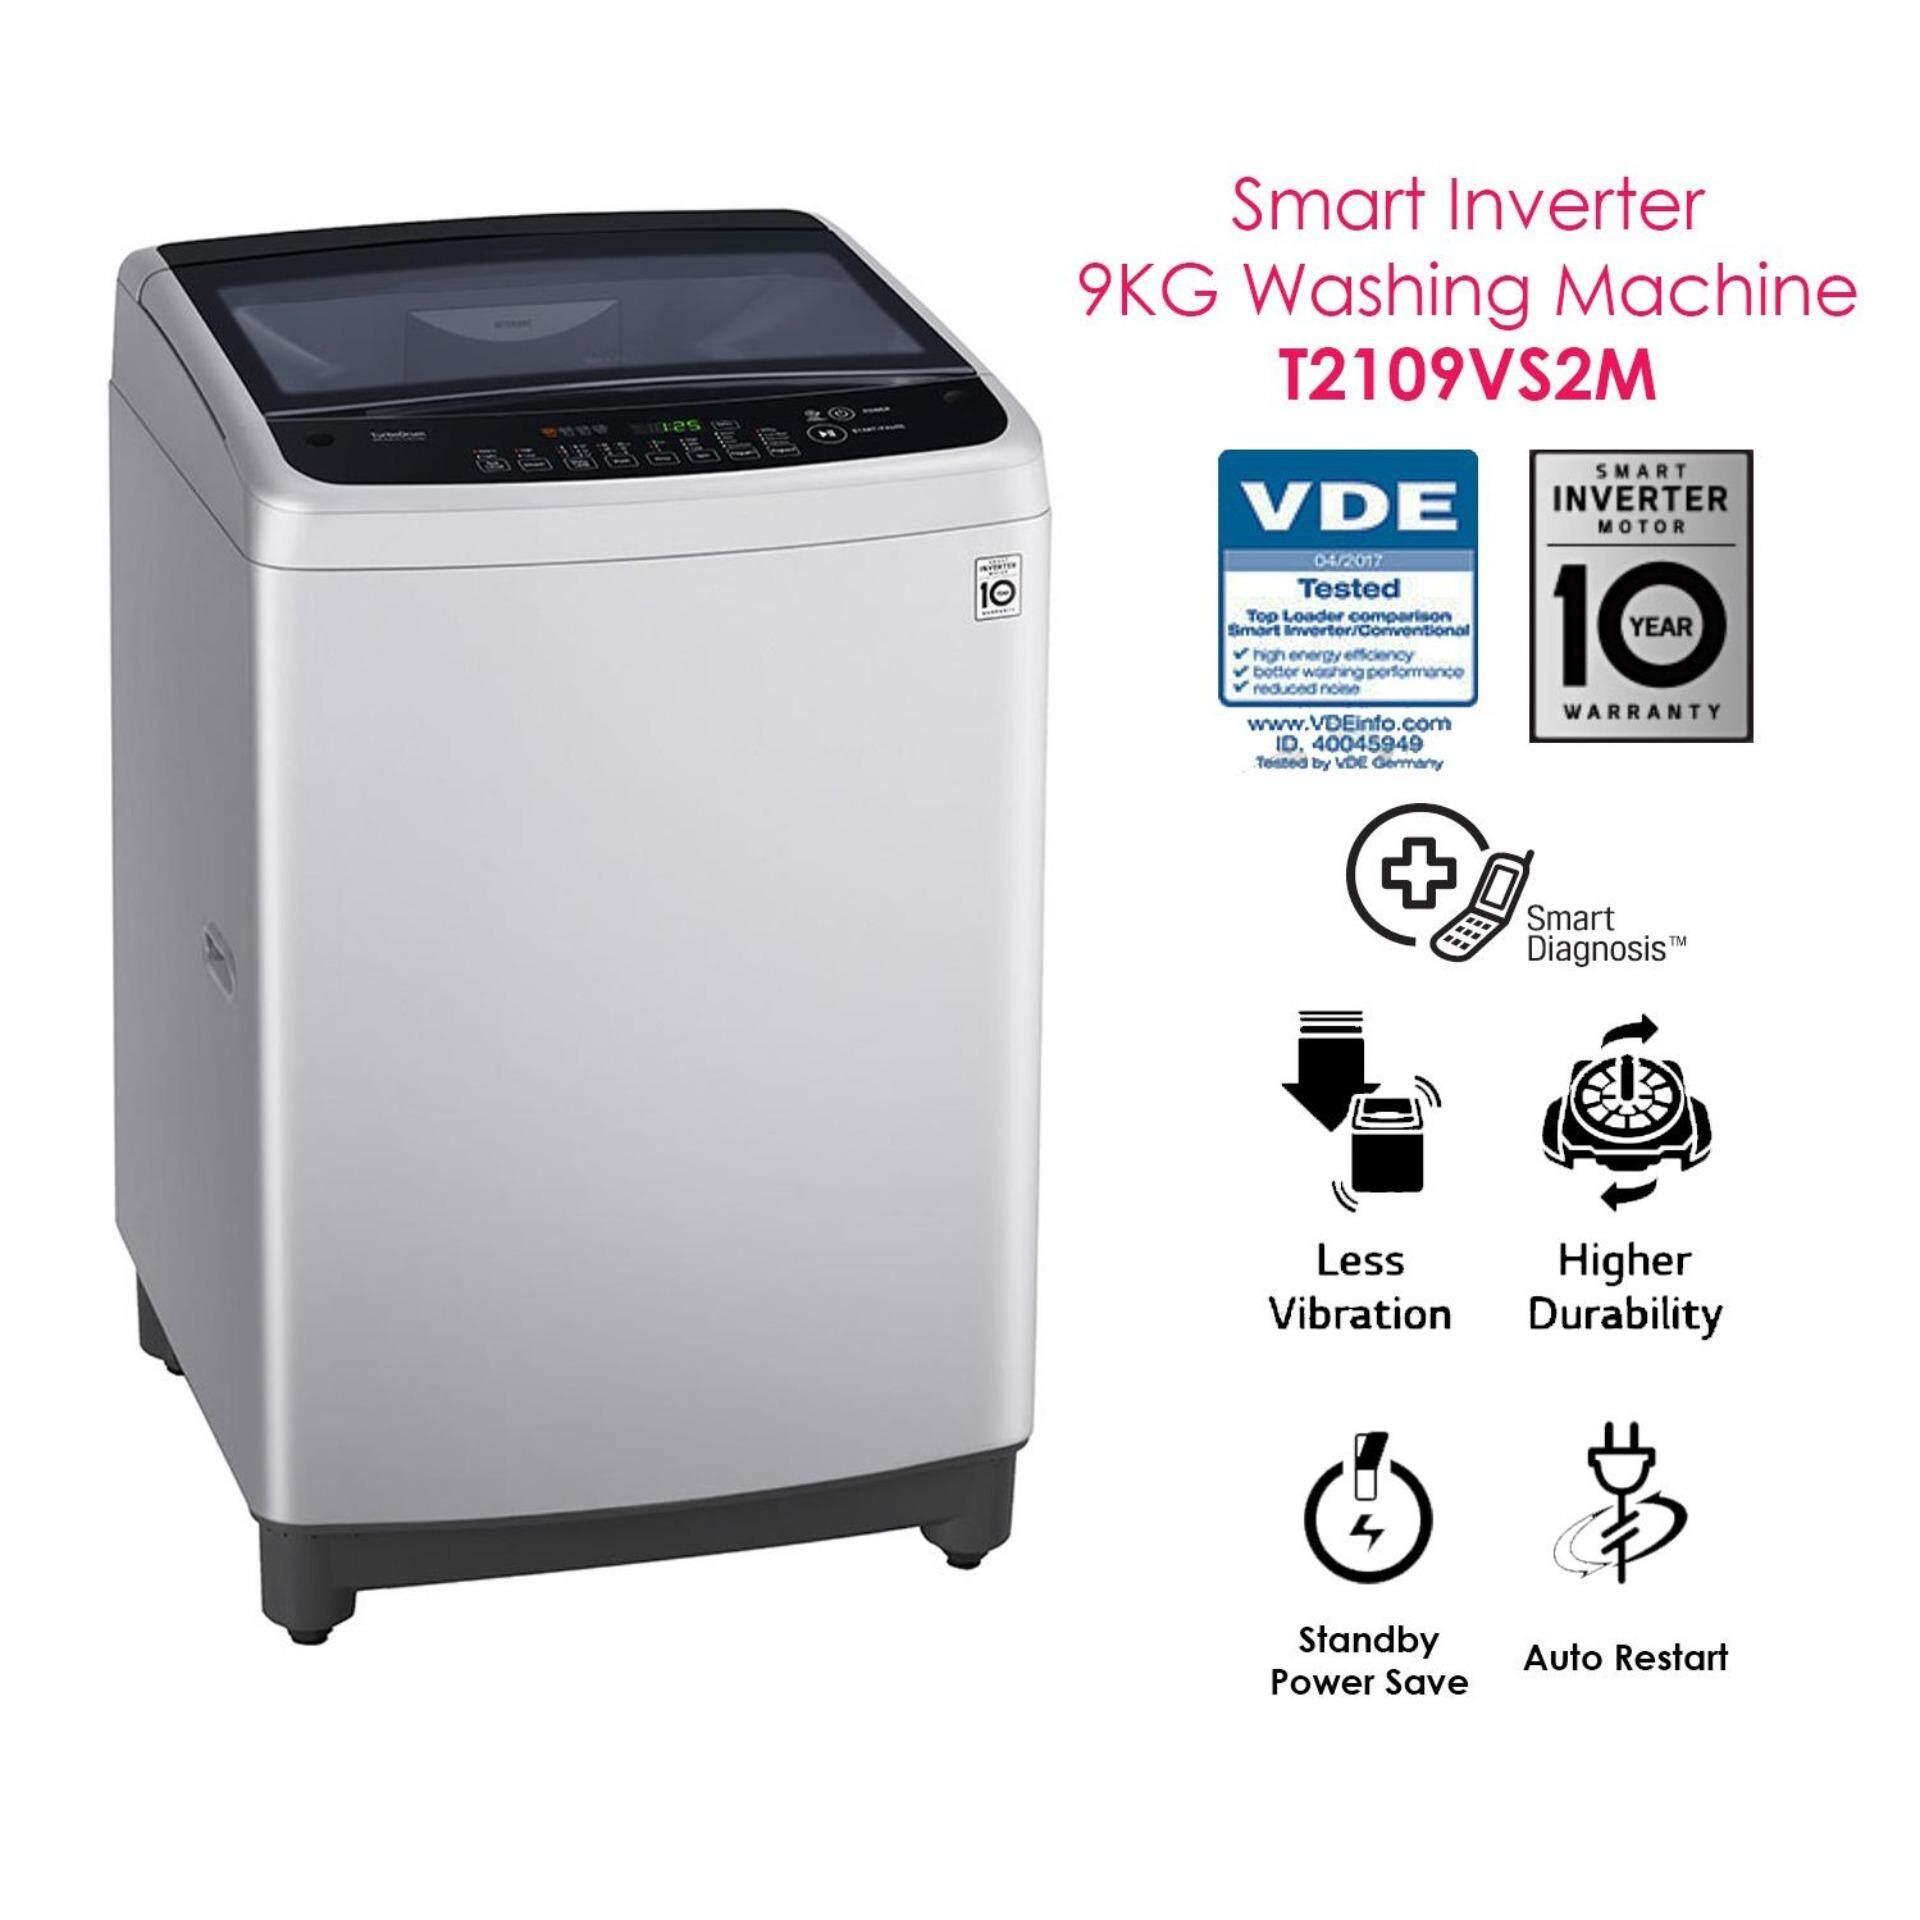 LG T2109VS2M 9KG Smart Inverter Washing Machine